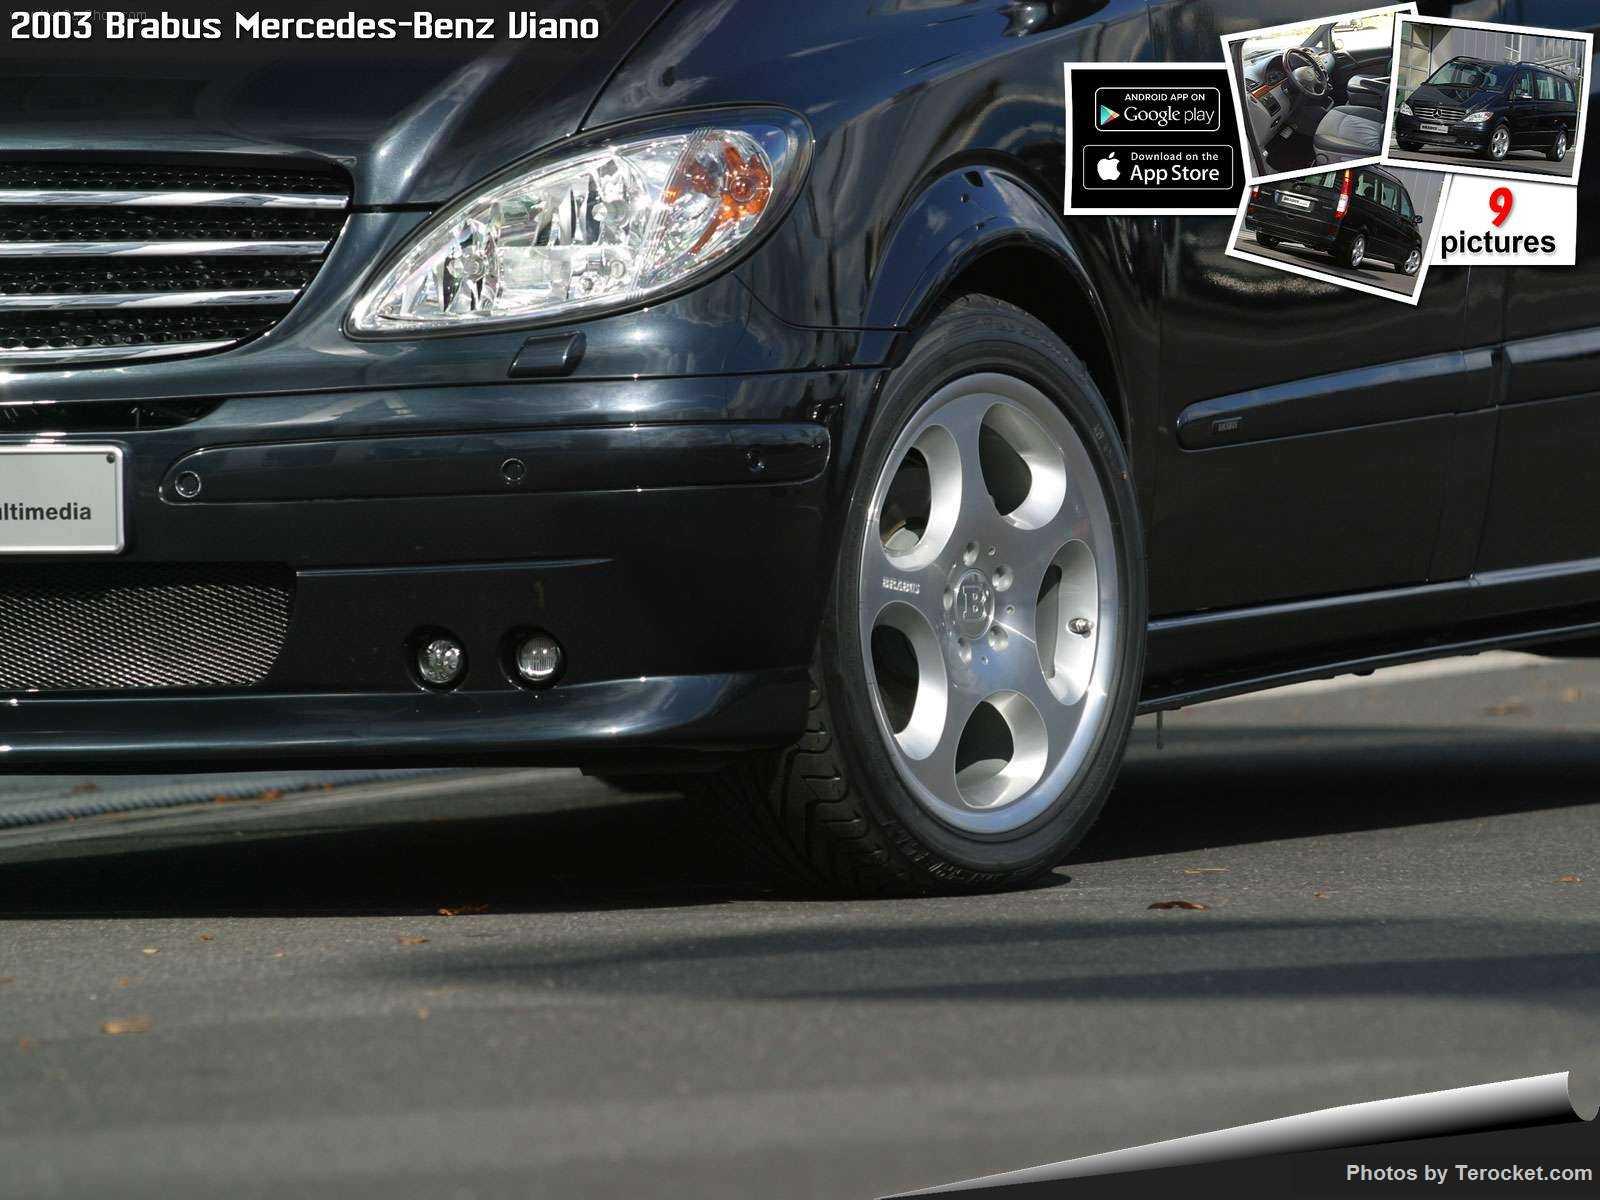 Hình ảnh xe ô tô Brabus Mercedes-Benz Viano 2003 & nội ngoại thất